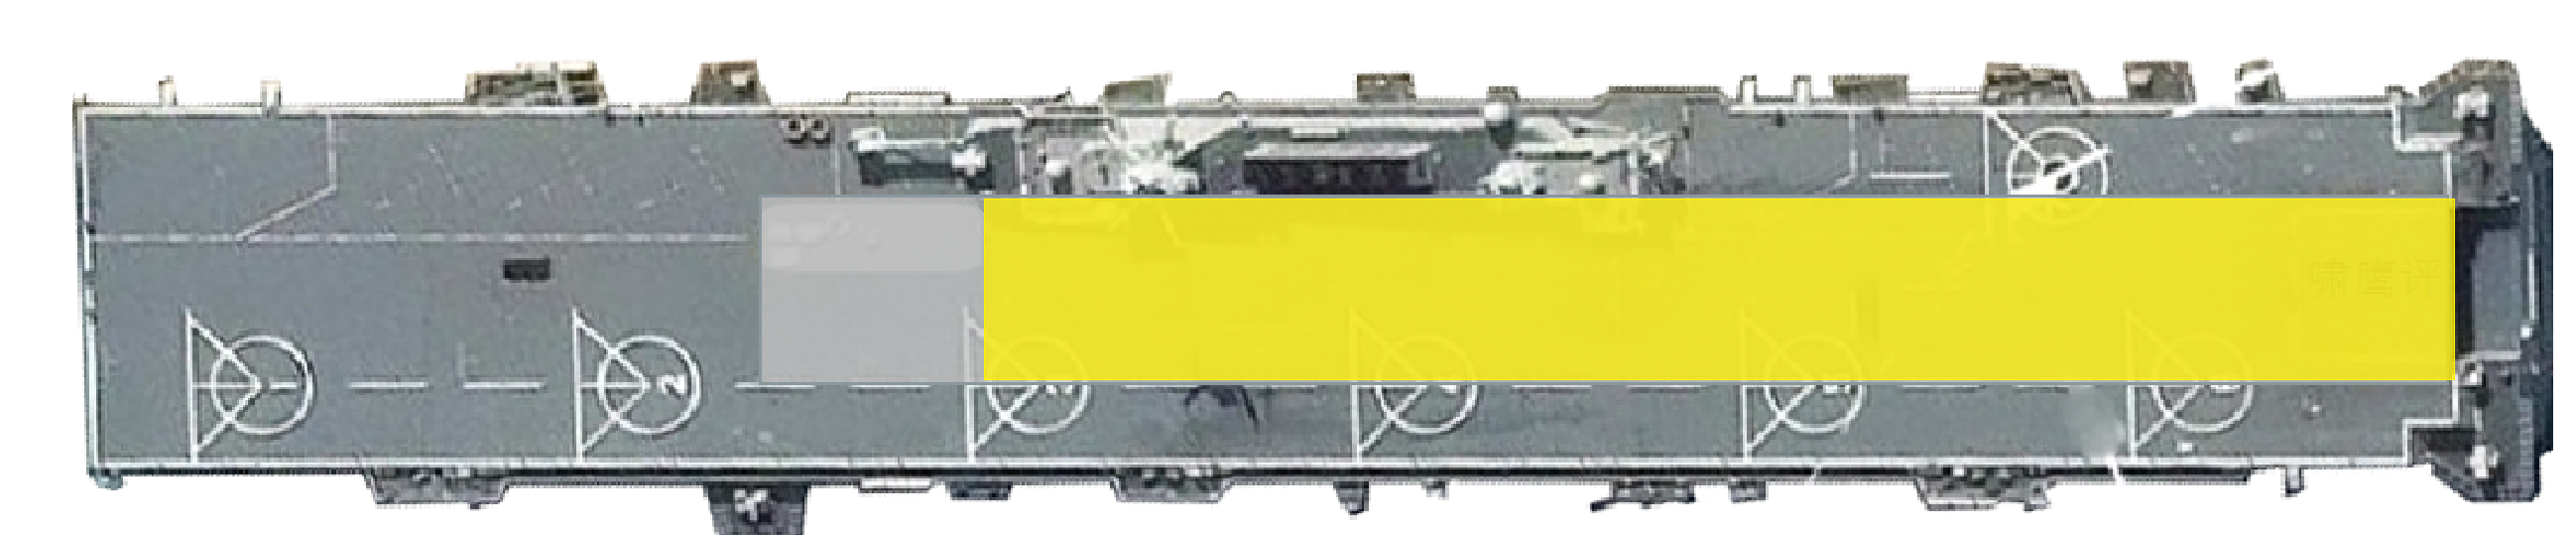 075舰首厚达5米,是因为舰艏飞行甲板下是机库?绝无可能